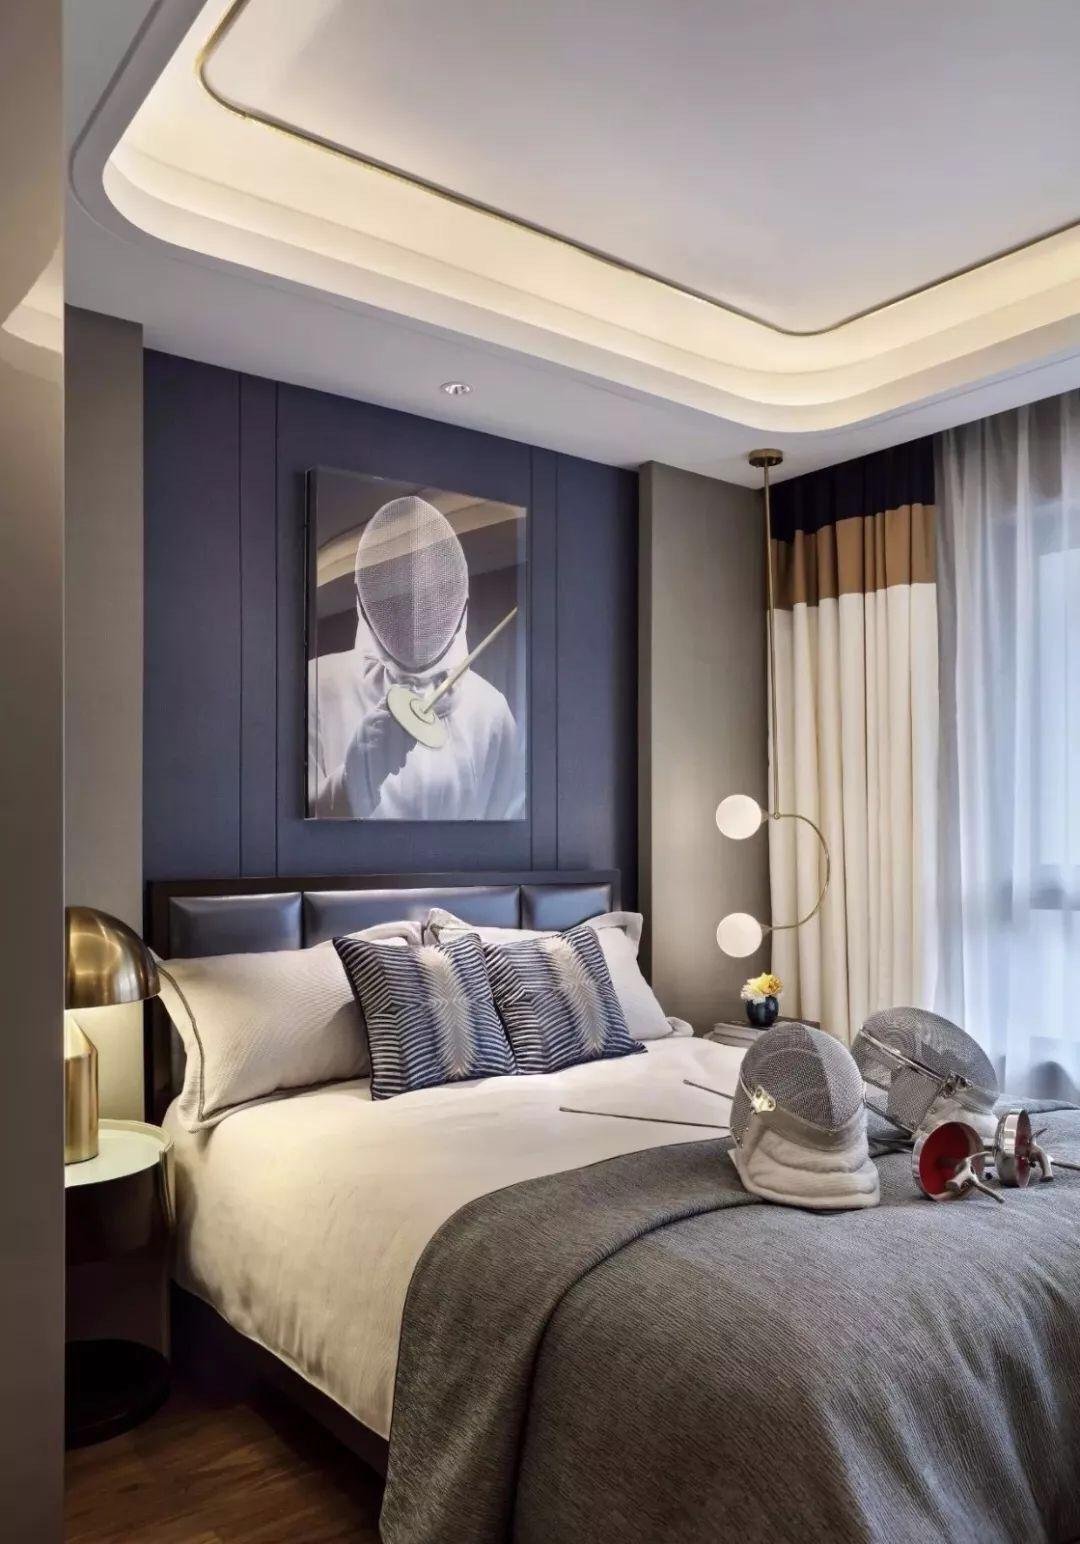 #luxurychildren'sbedrooms #luxuryboybedrooms   Luxury ... on Luxury Bedroom Ideas On A Budget  id=42765